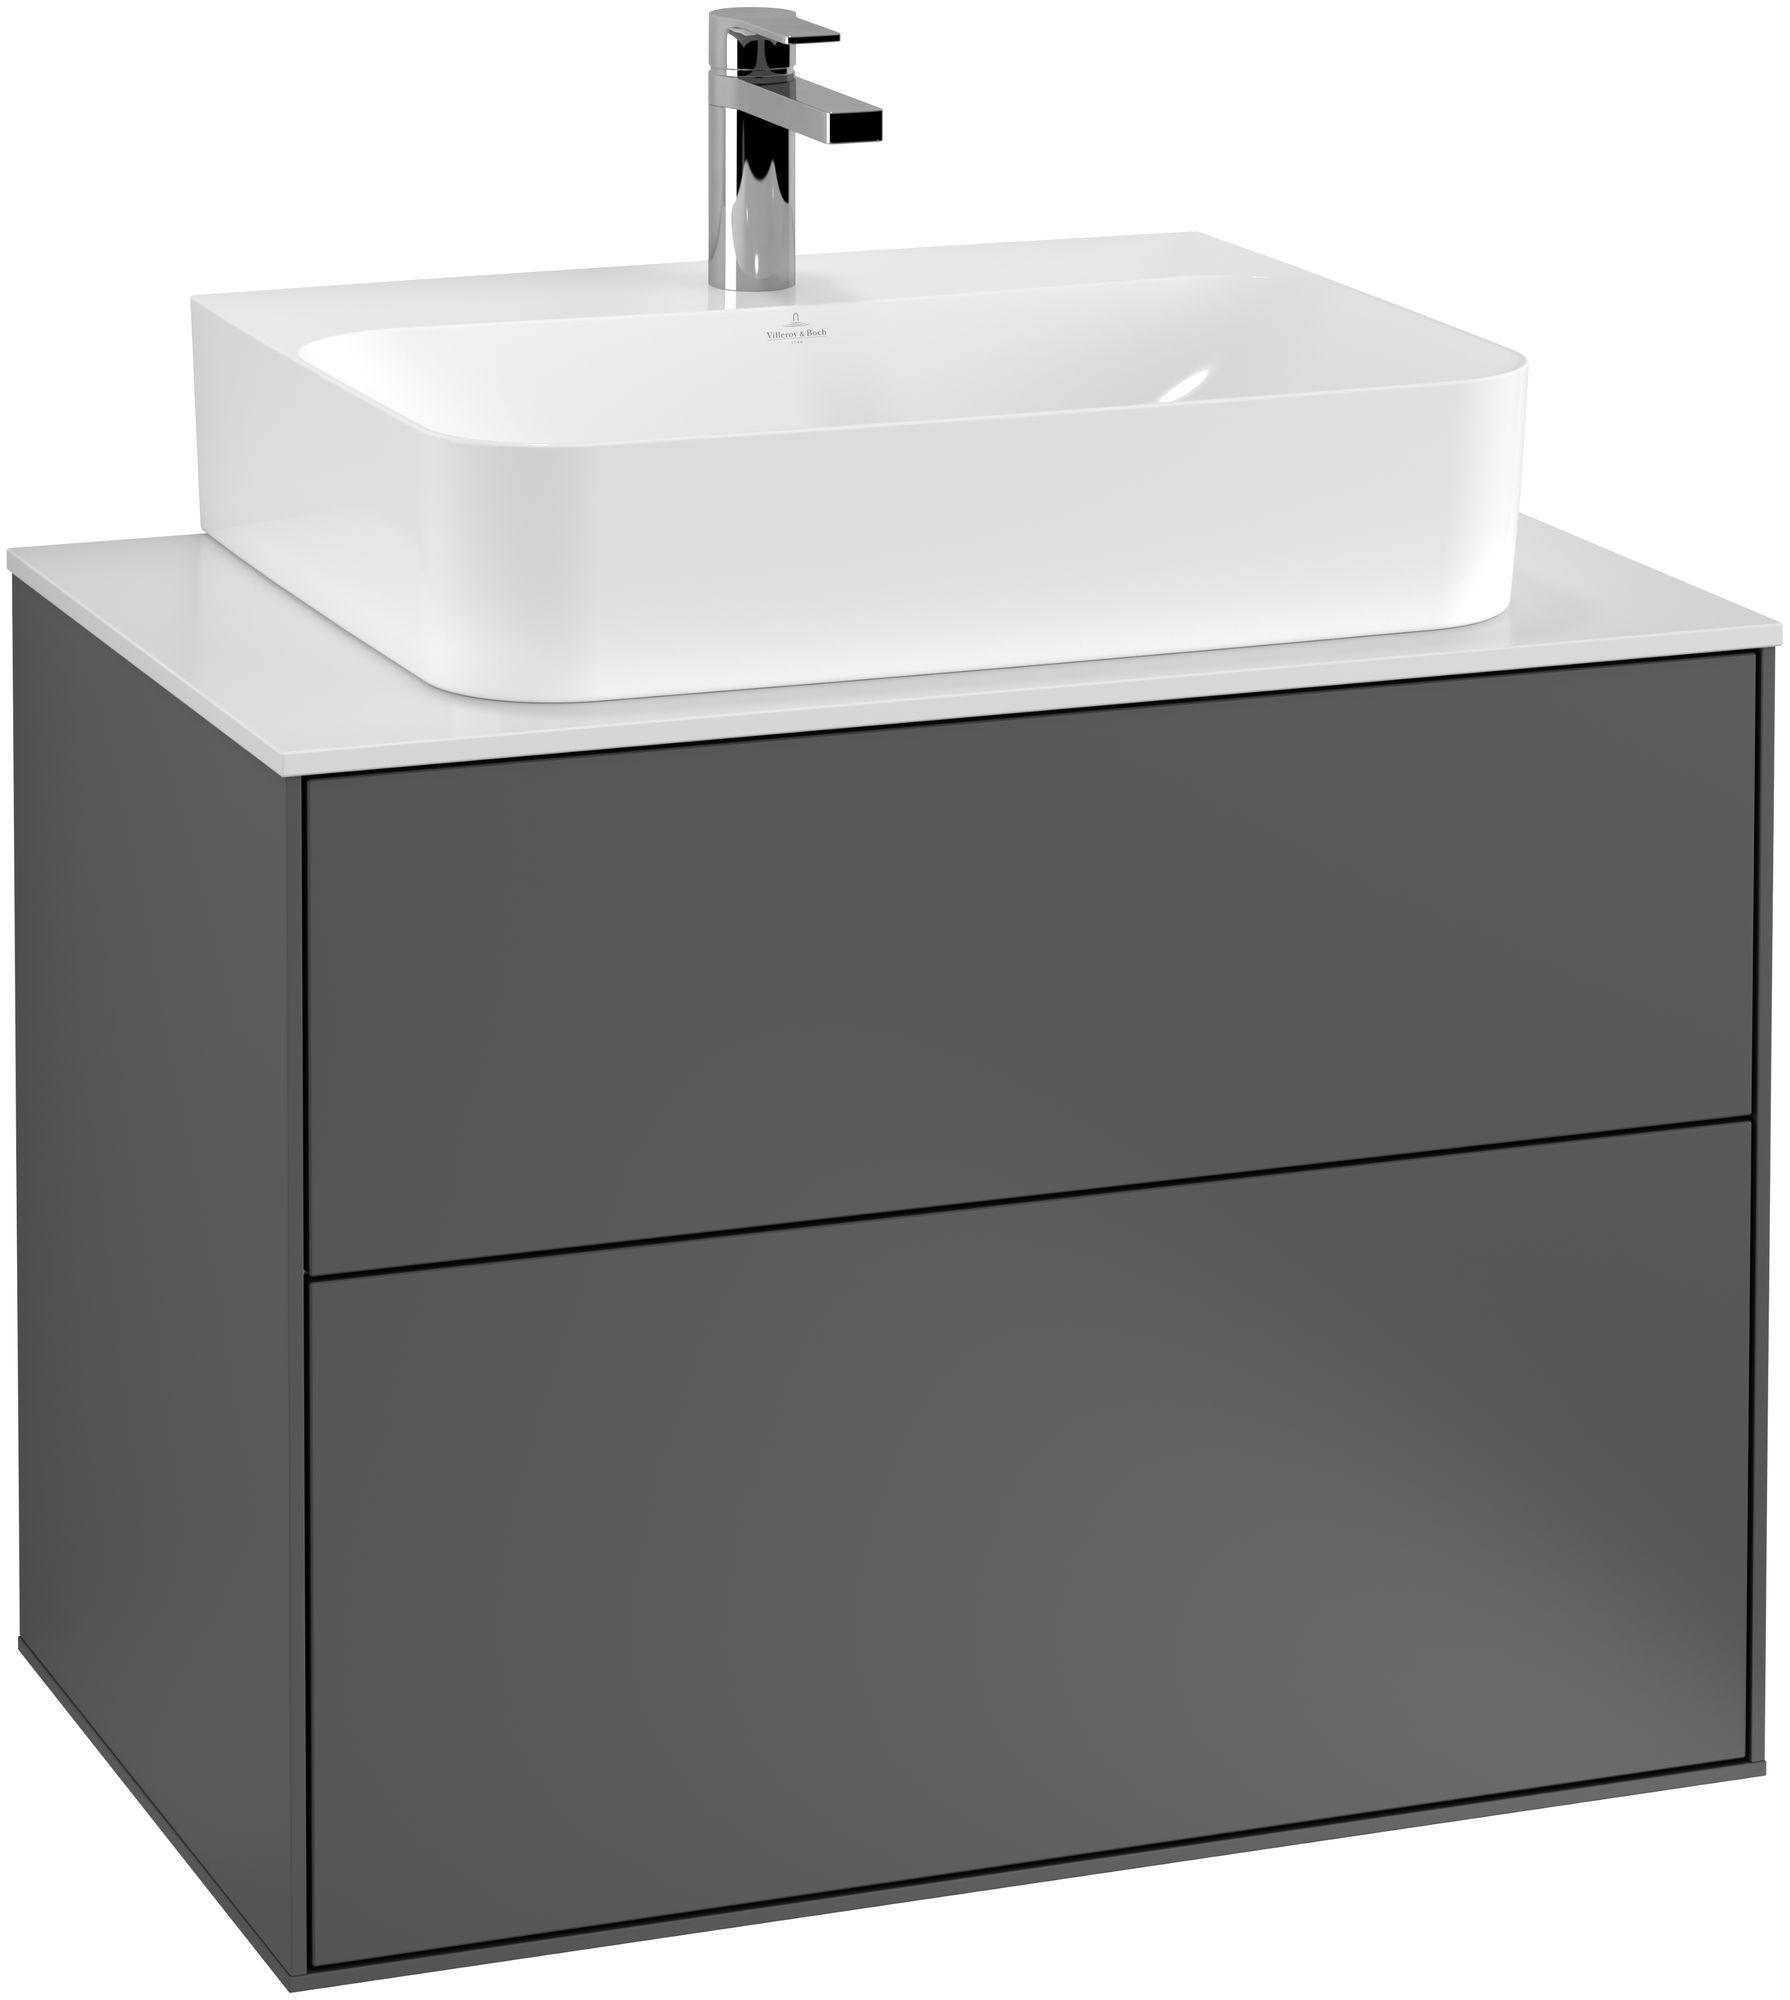 Villeroy & Boch Finion G09 Waschtischunterschrank 2 Auszüge Waschtisch mittig LED-Beleuchtung B:80xH:60,3xT:50,1cm Front, Korpus: Anthracite Matt, Glasplatte: White Matt G09100GK